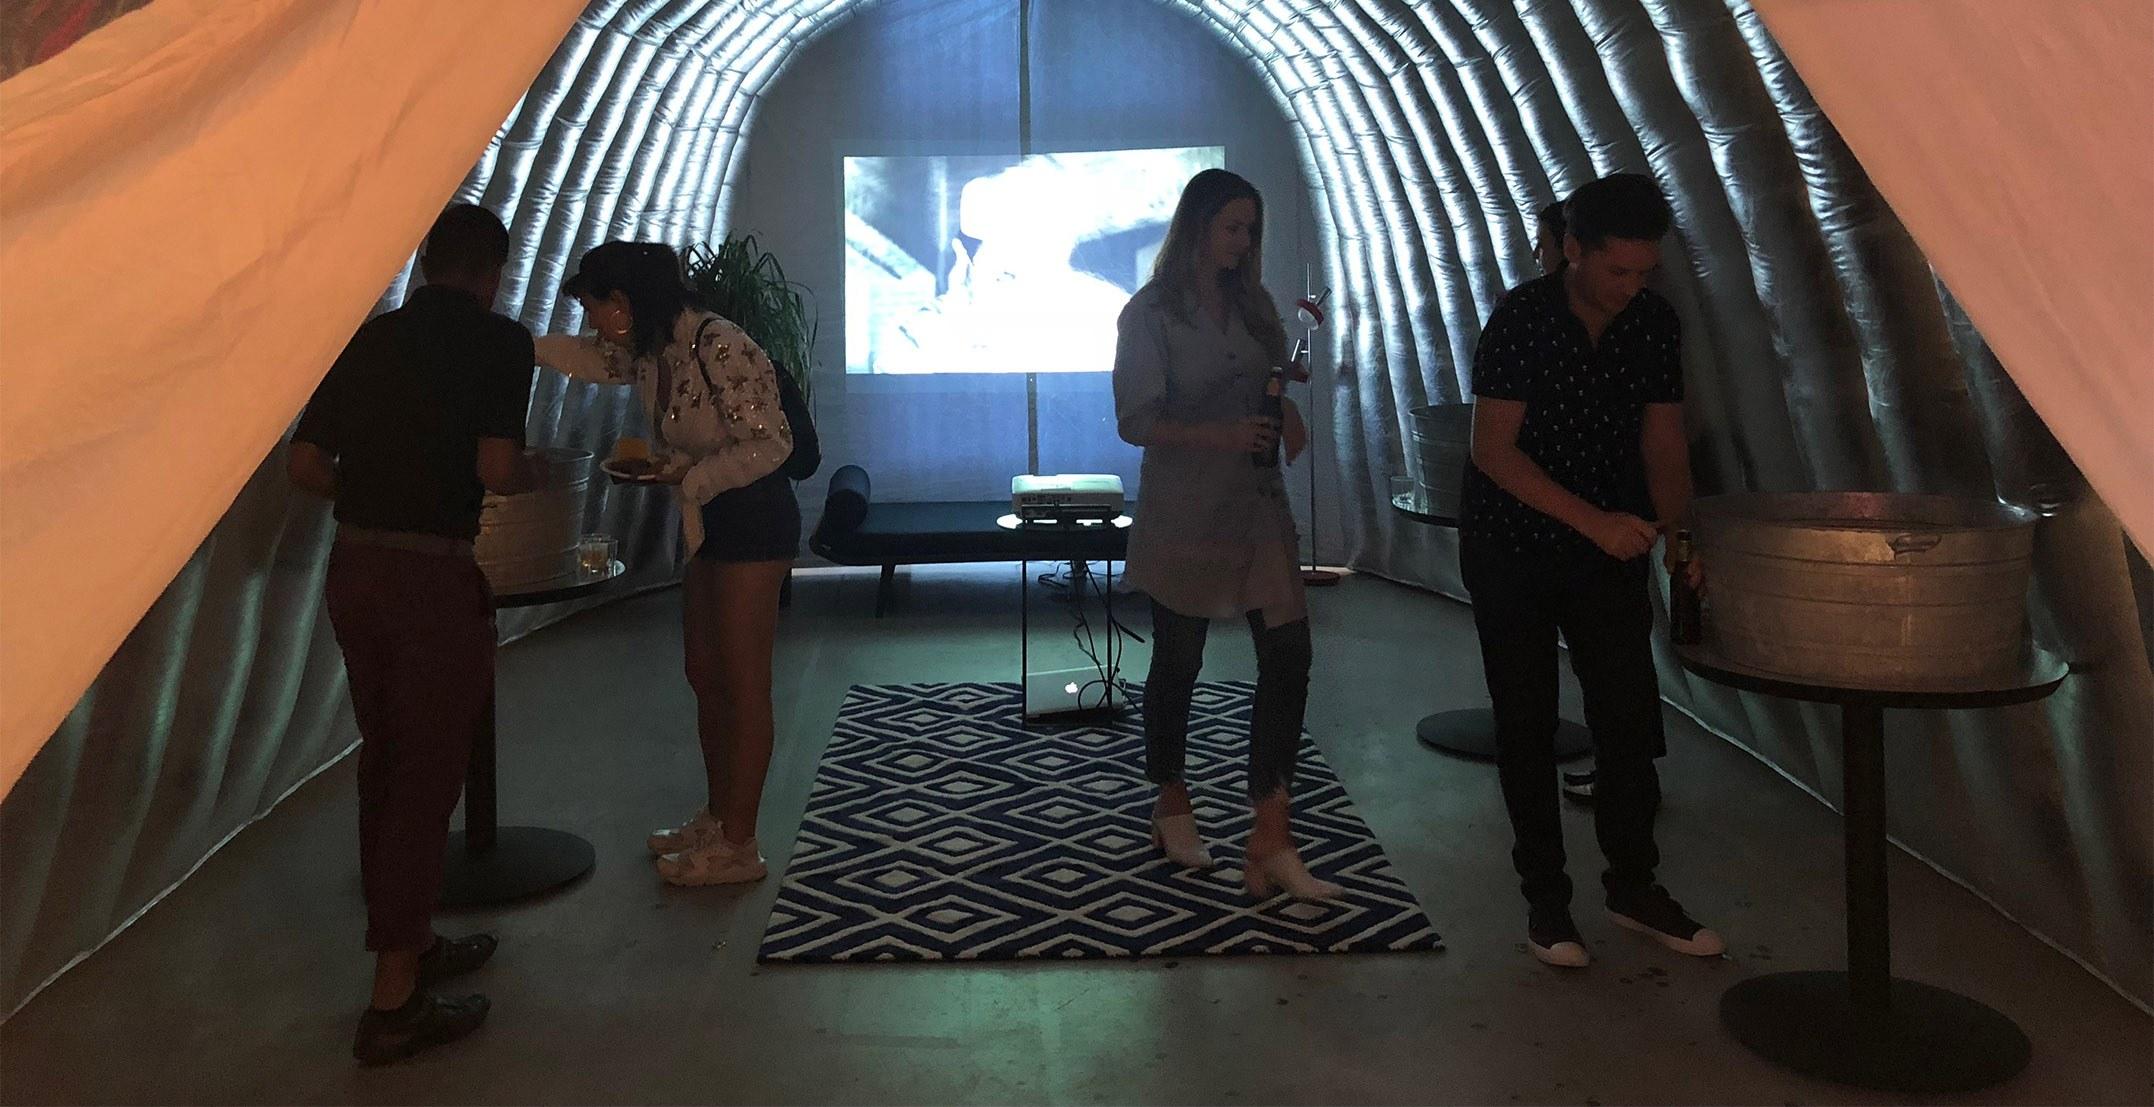 MIIB-New-Lab-Summer-Meetup-2.jpg#asset:14484